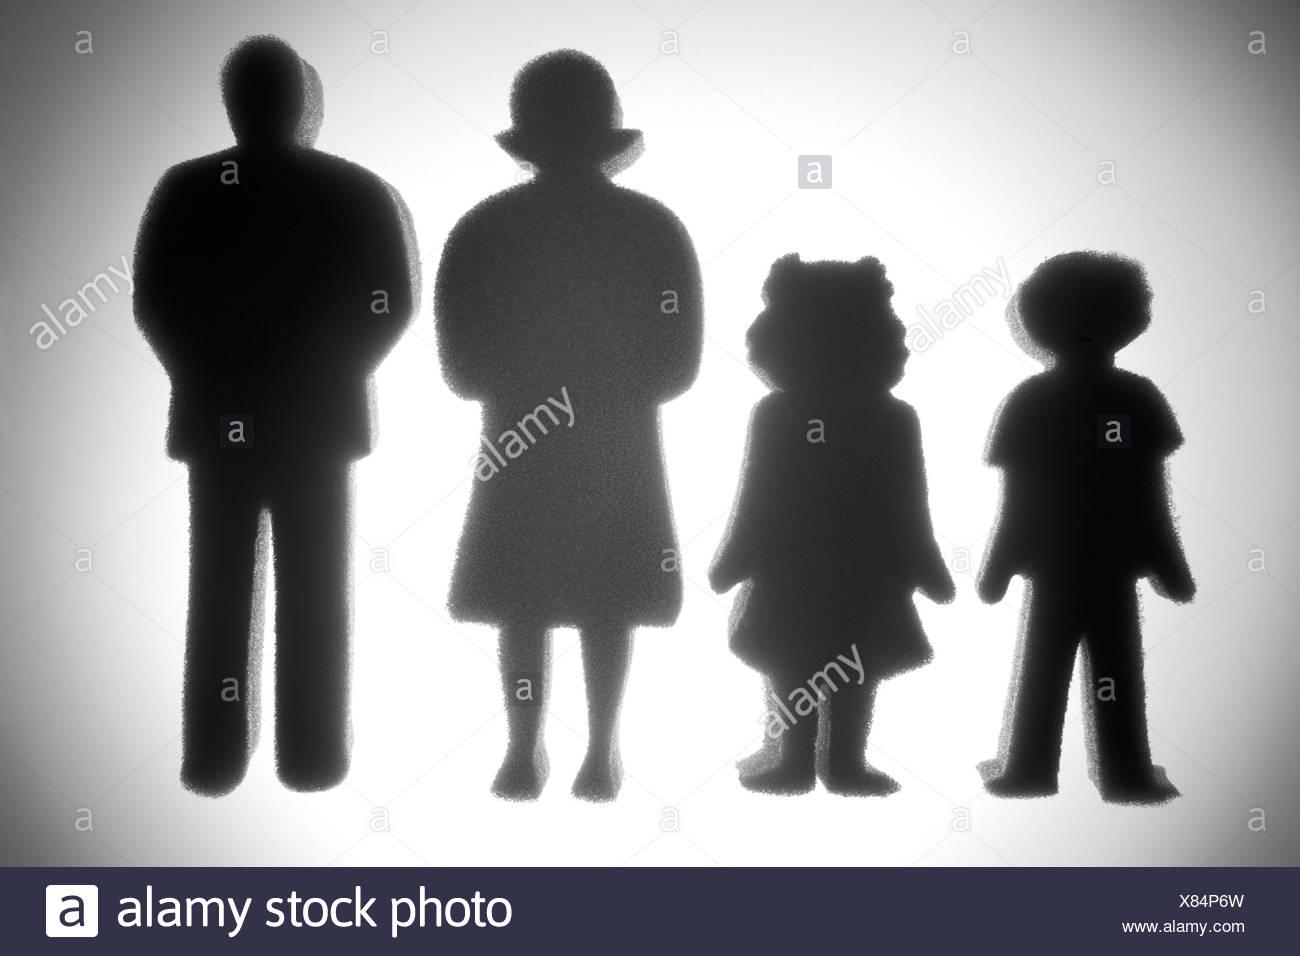 Average Family - Stock Image